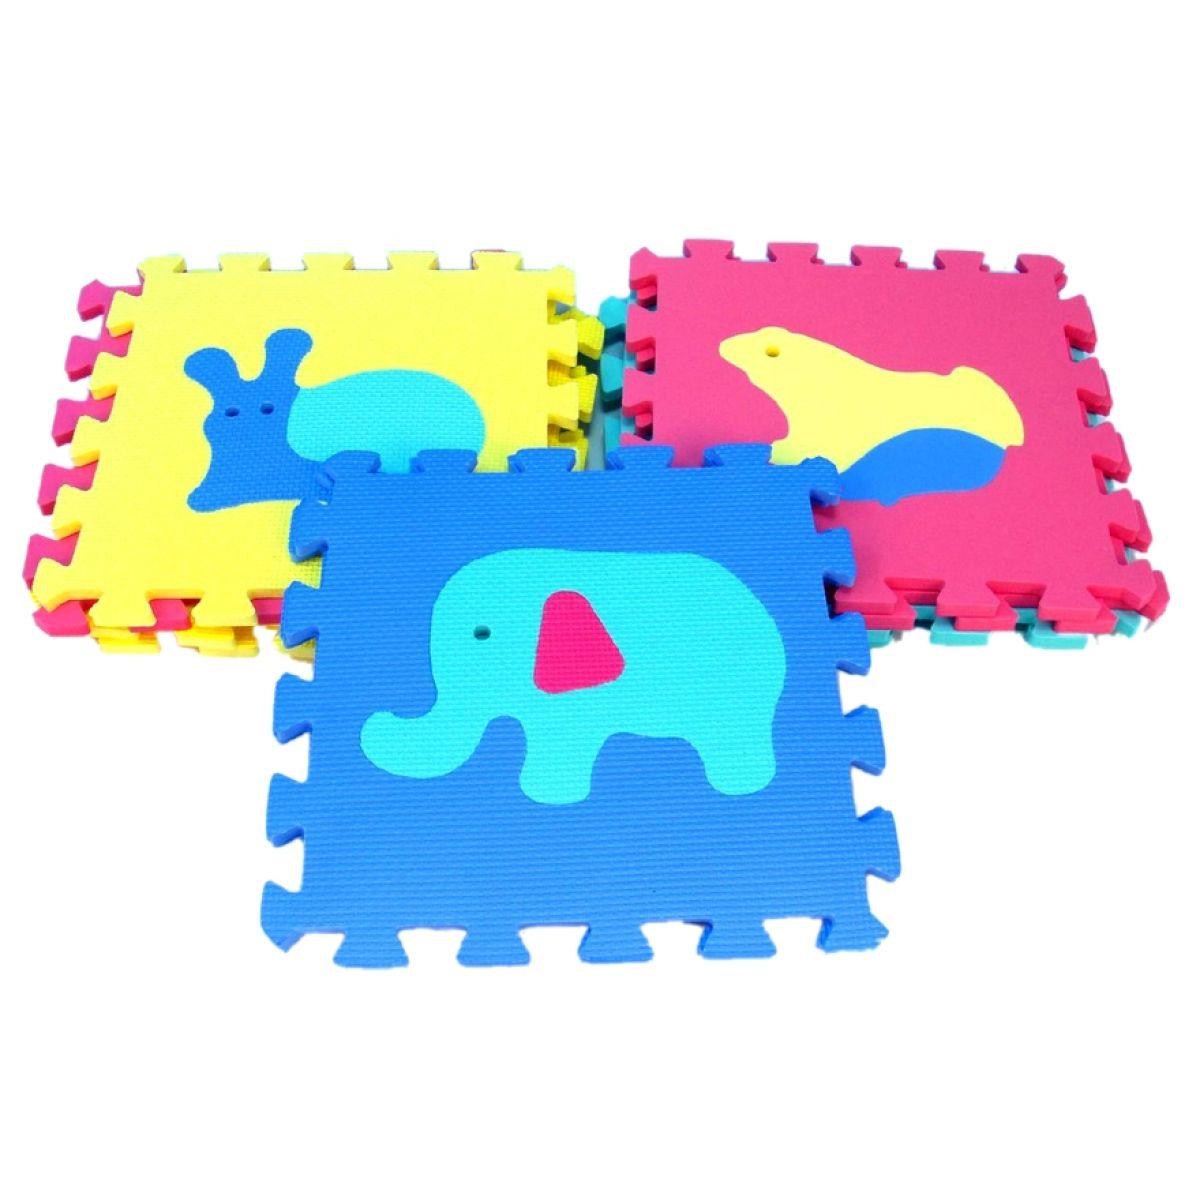 Wiky Pěnové puzzle Zvířata 30 x 30 cm 10 ks v sáčku